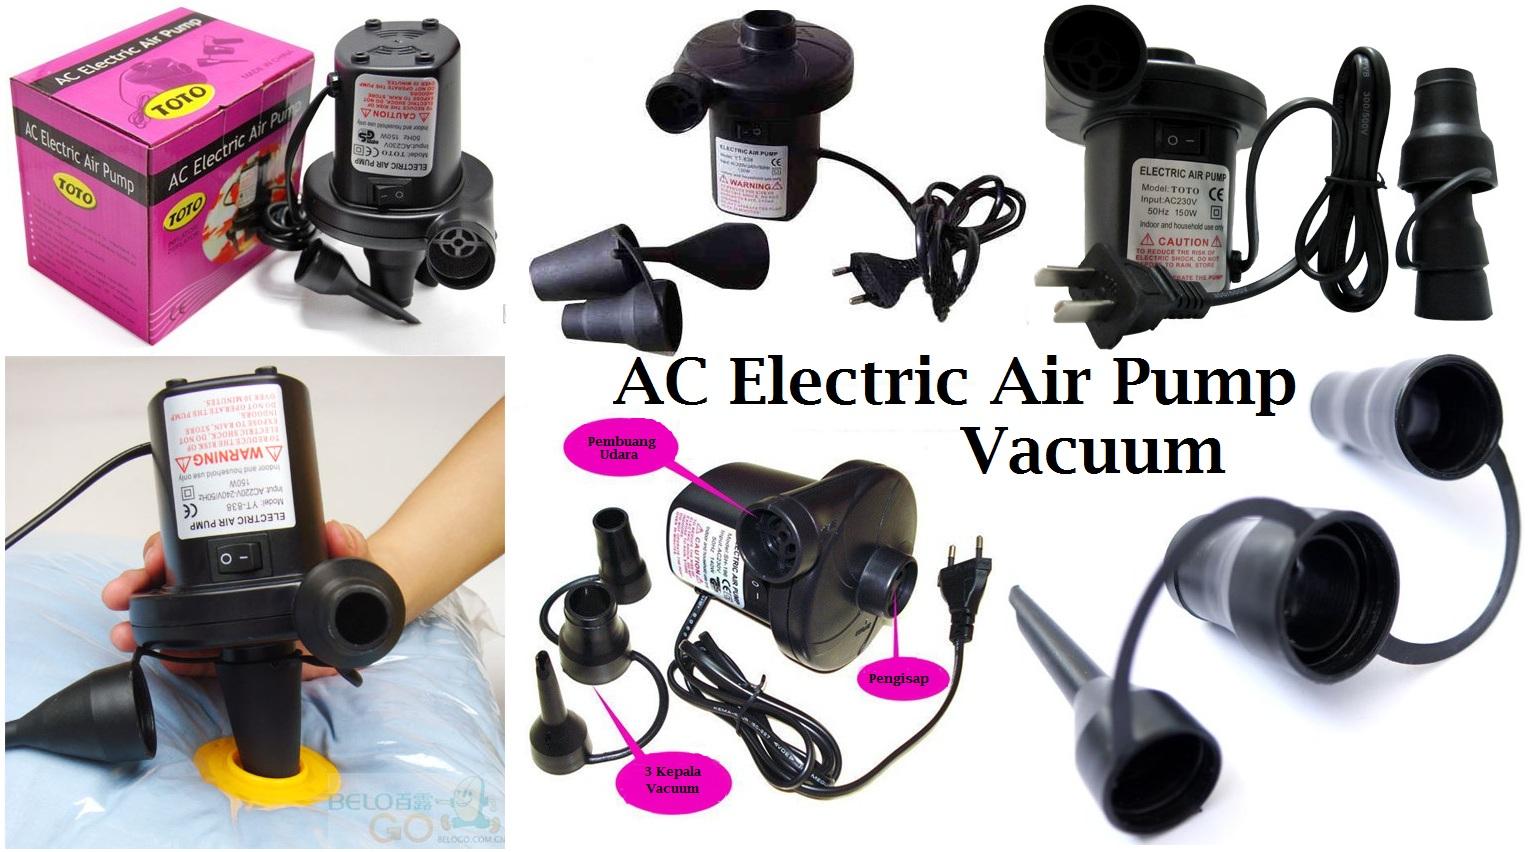 Pompa Dan Vacuum Kasur Angin Listrik 3 Katup Pentil 486 Barang